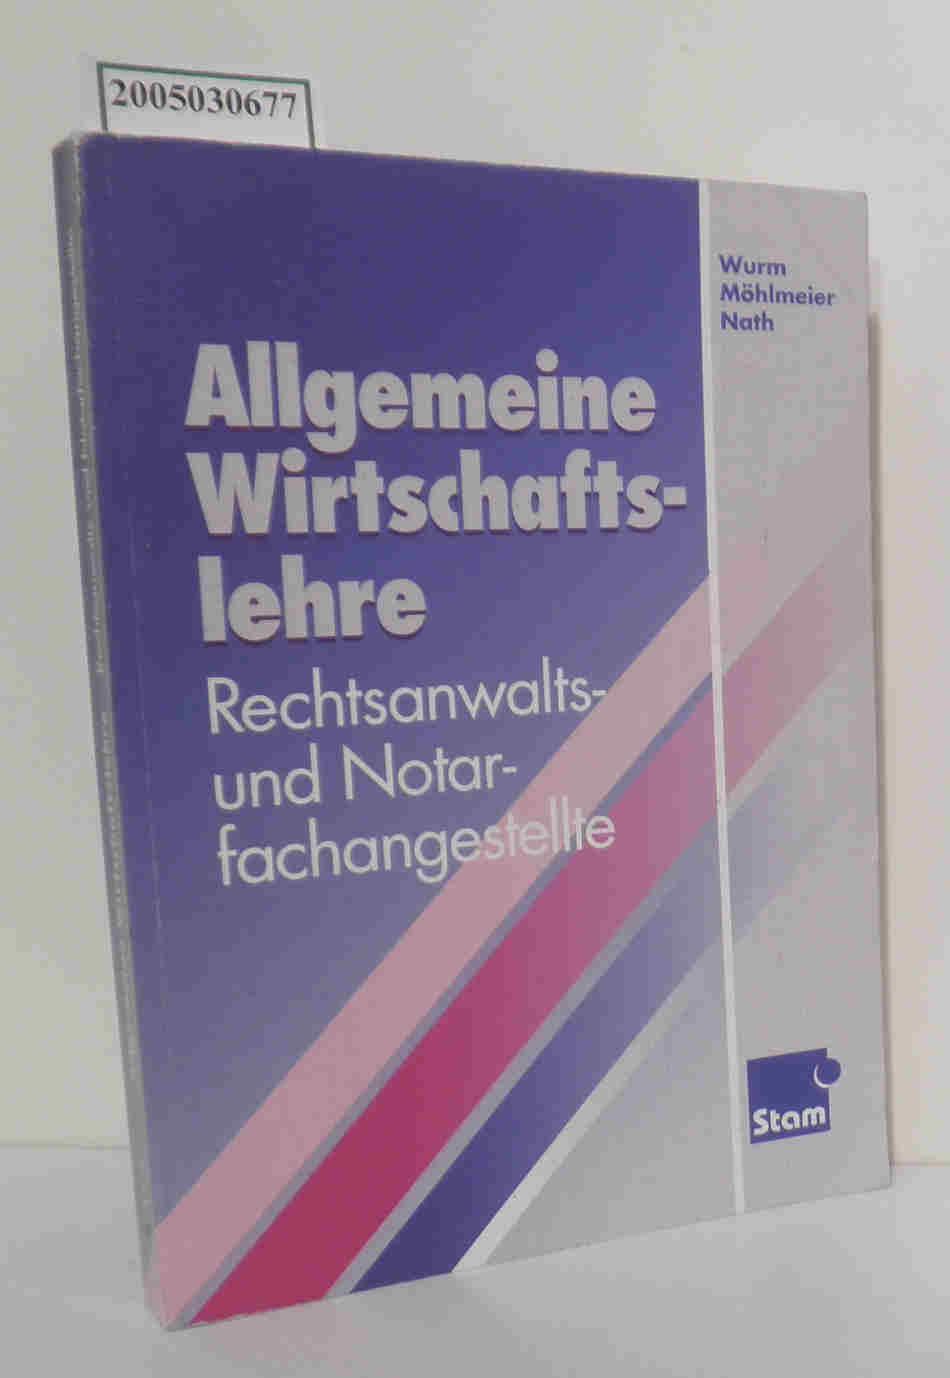 Allgemeine Wirtschaftslehre für Rechtsanwalts- und Notarfachangestellte Gregor Wurm   Heinz Möhlmeier   E. Günter Nath